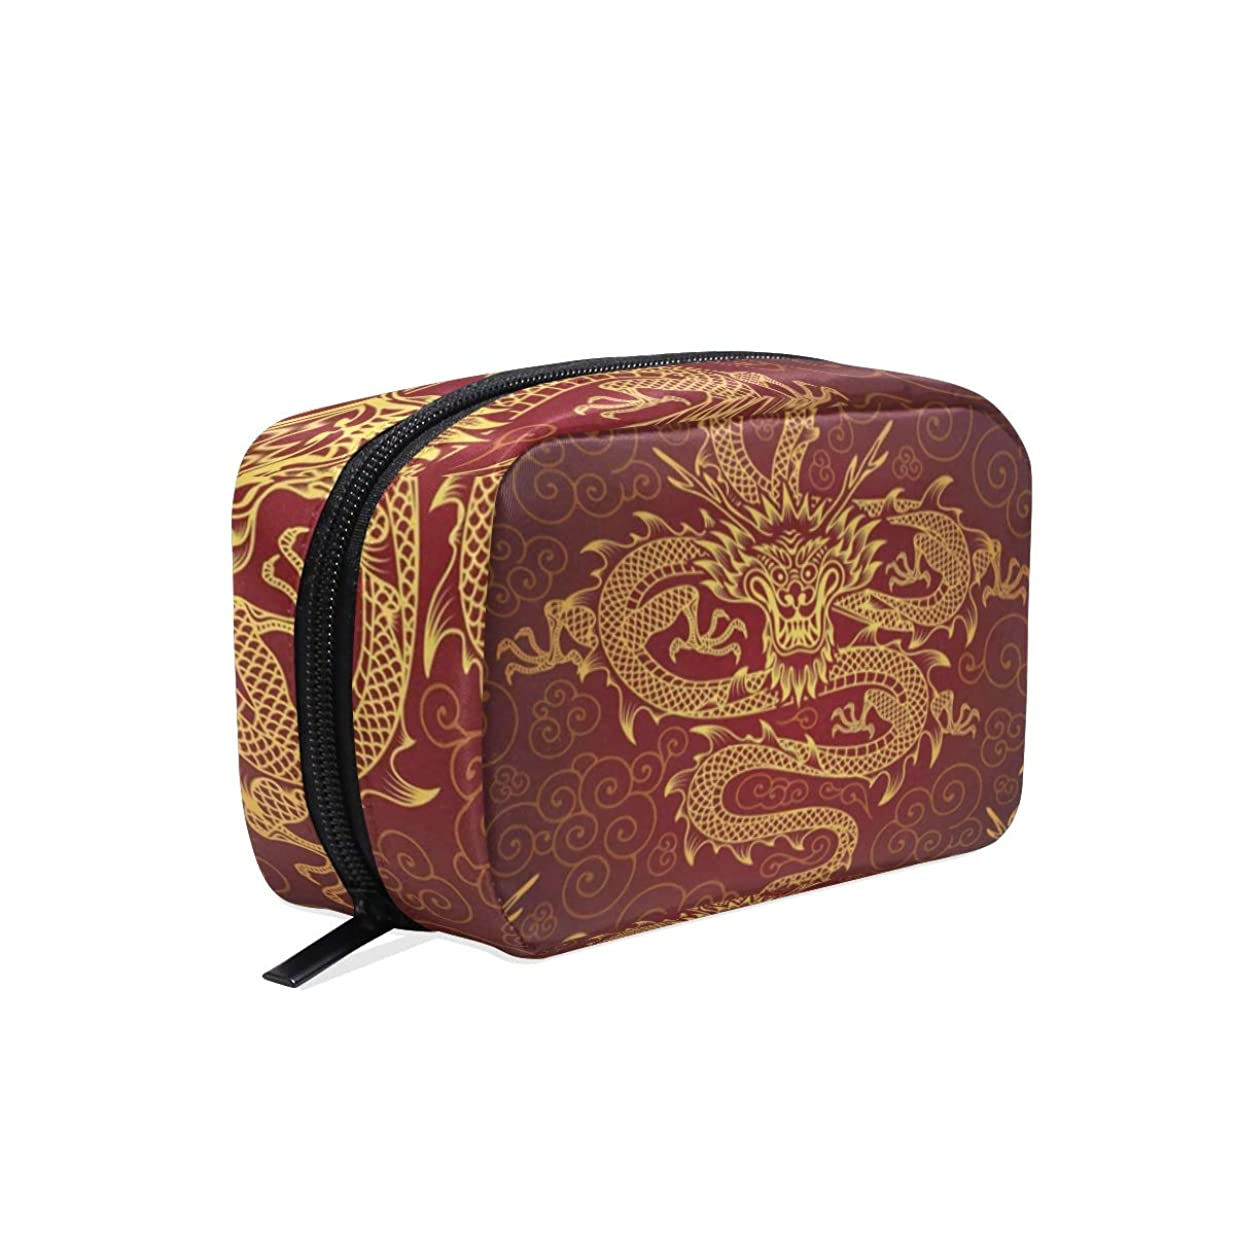 うぬぼれた達成する怠惰中国の龍 化粧ポーチ メイクポーチ 機能的 大容量 化粧品収納 小物入れ 普段使い 出張 旅行 メイク ブラシ バッグ 化粧バッグ